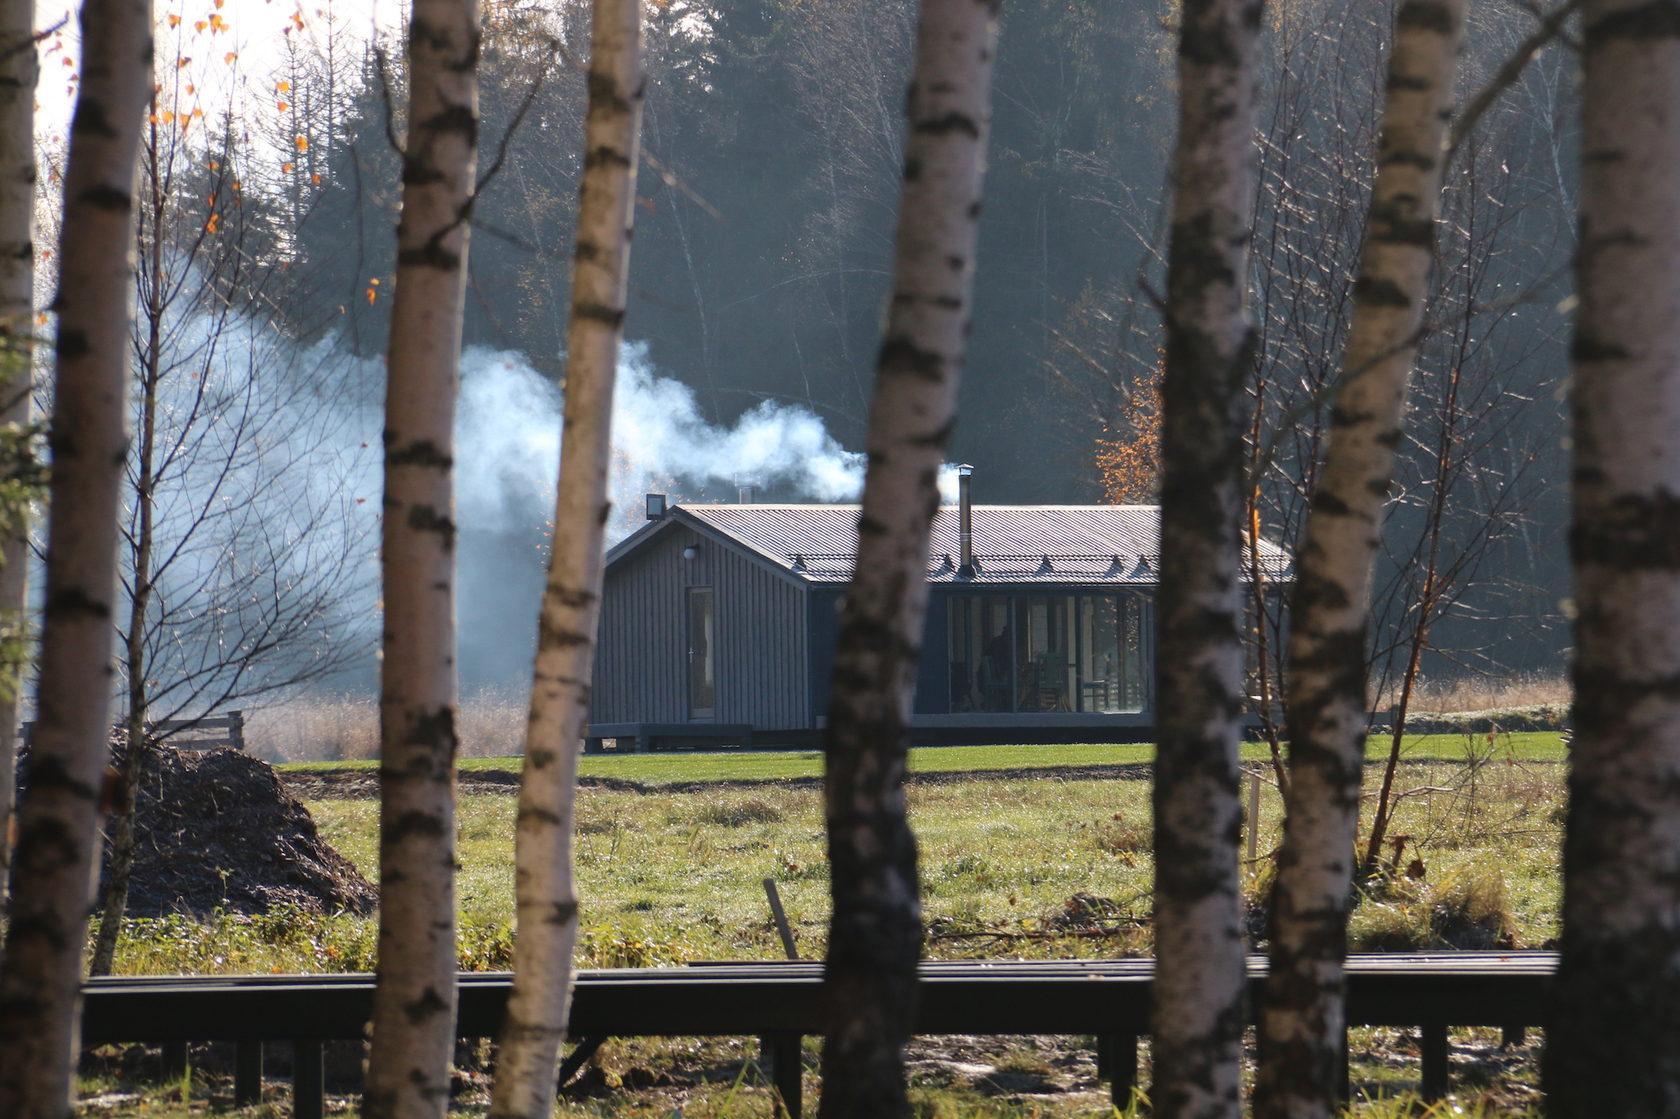 ДубльДомово-Снегири, источник: официальный сайт